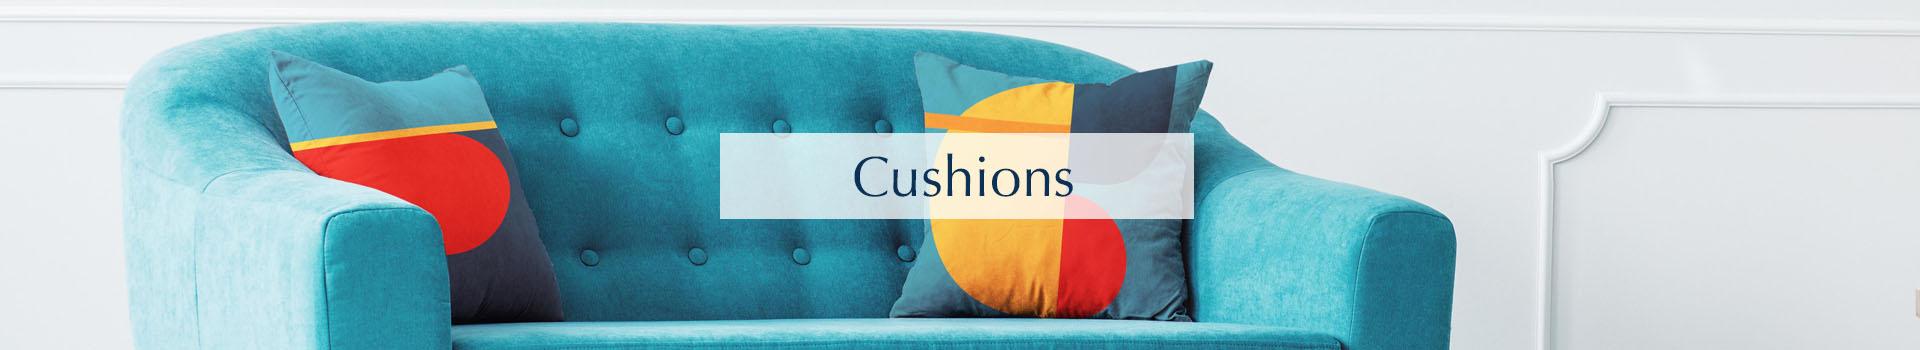 cushions-2.jpg